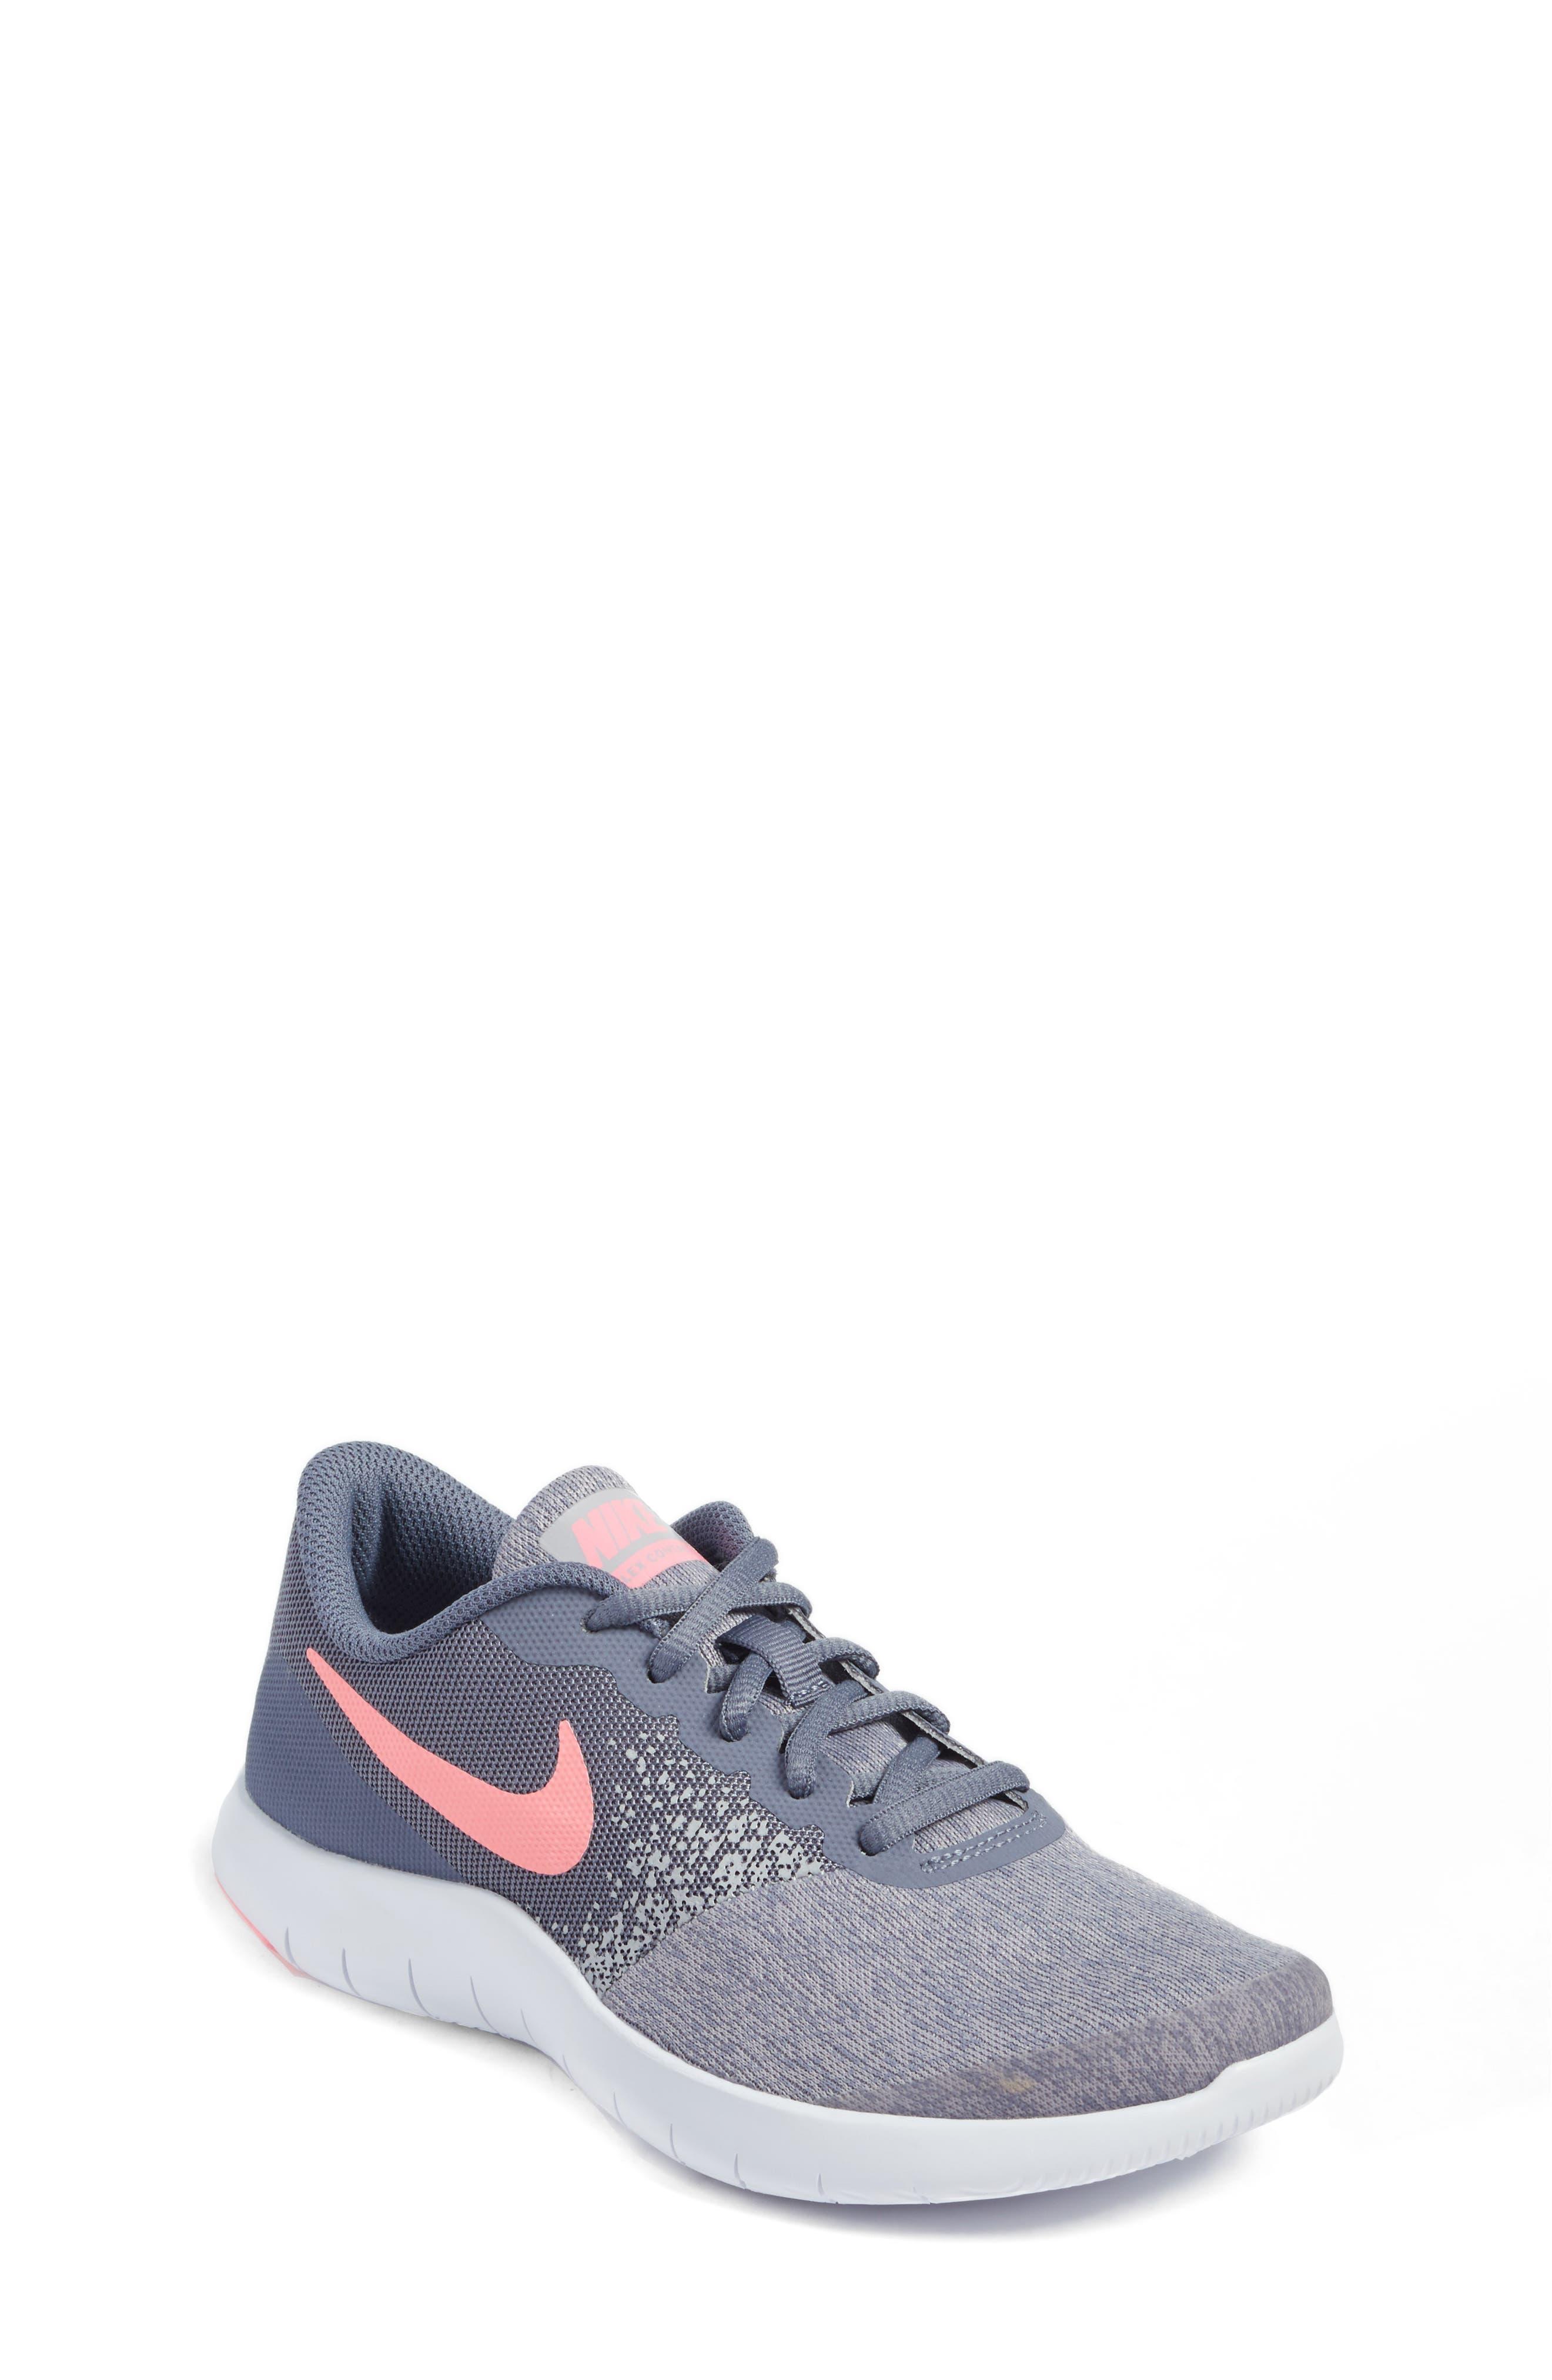 Nike Flex Contact Running Shoe (Big Kid)